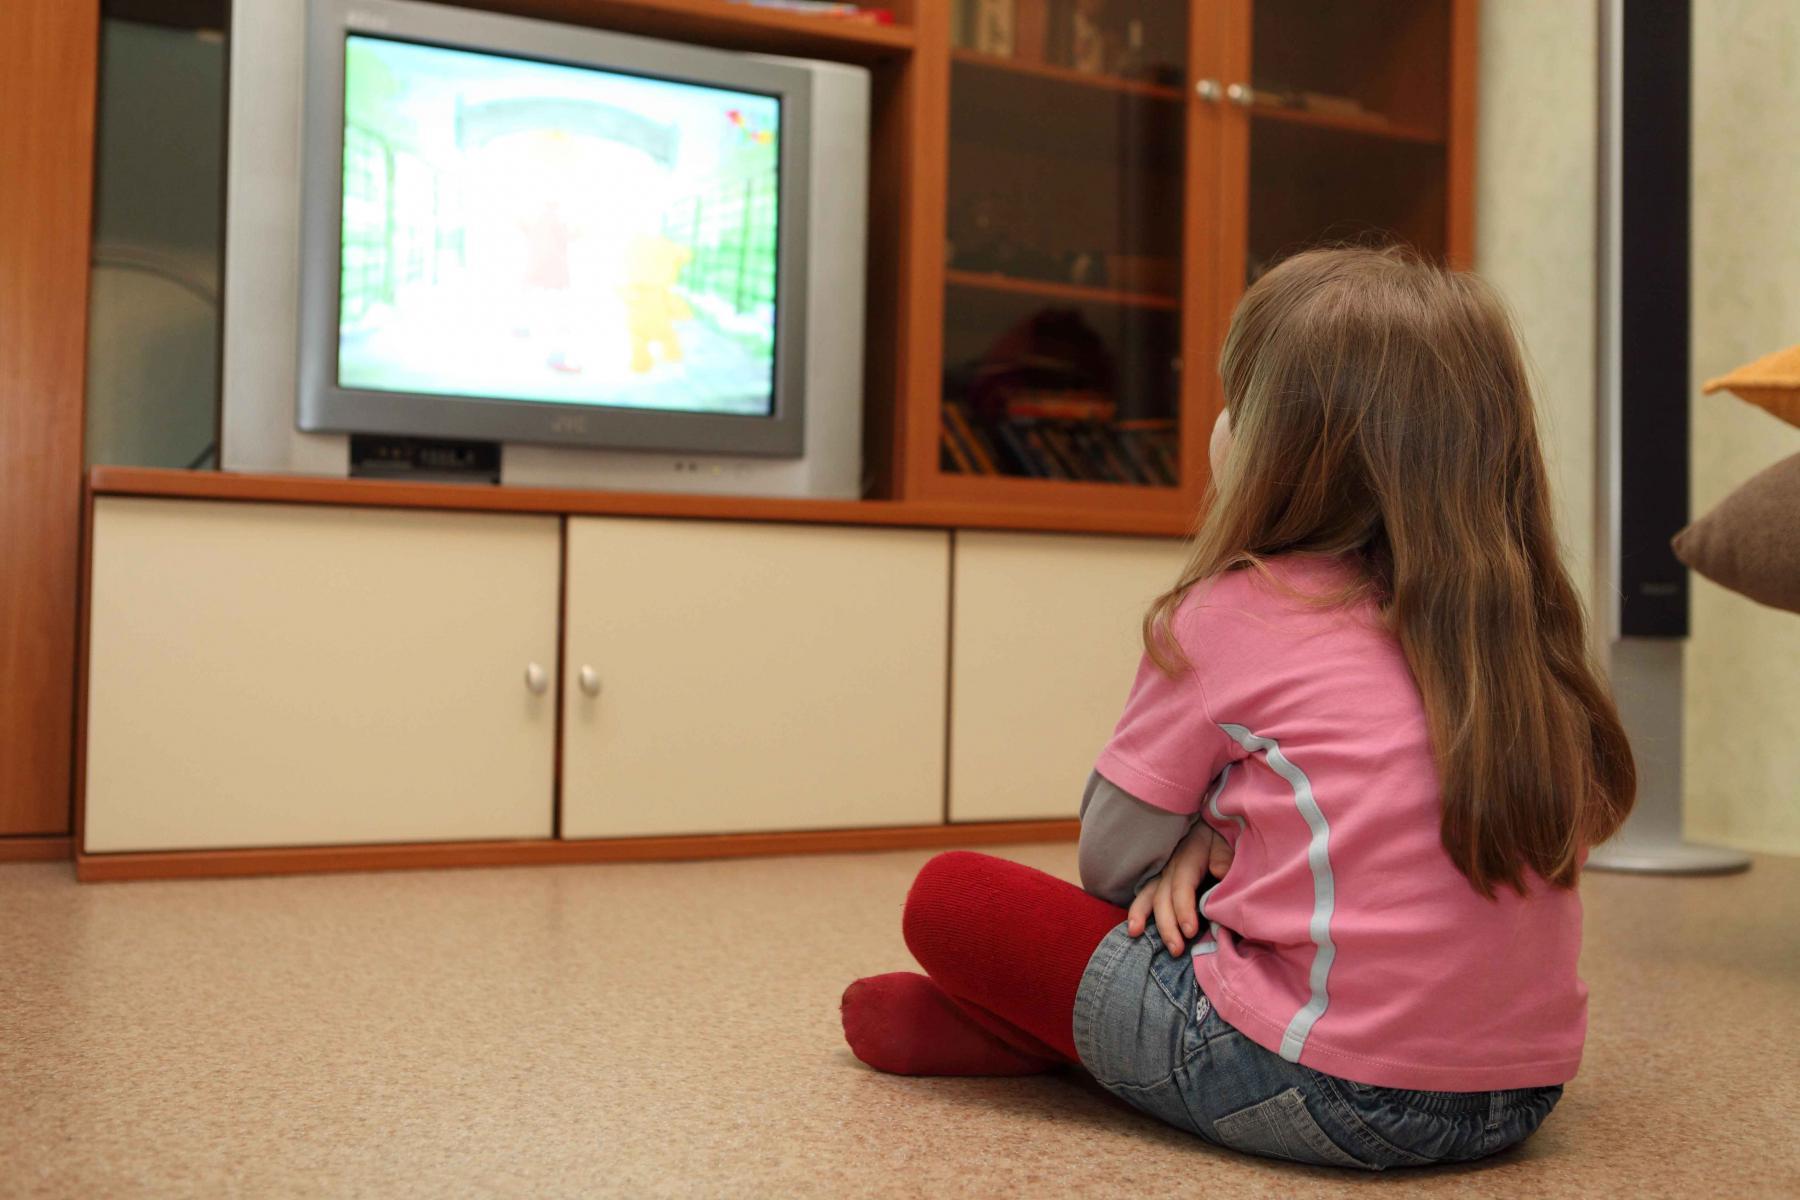 В Татарстане запустят образовательный телеканал на татарском языке